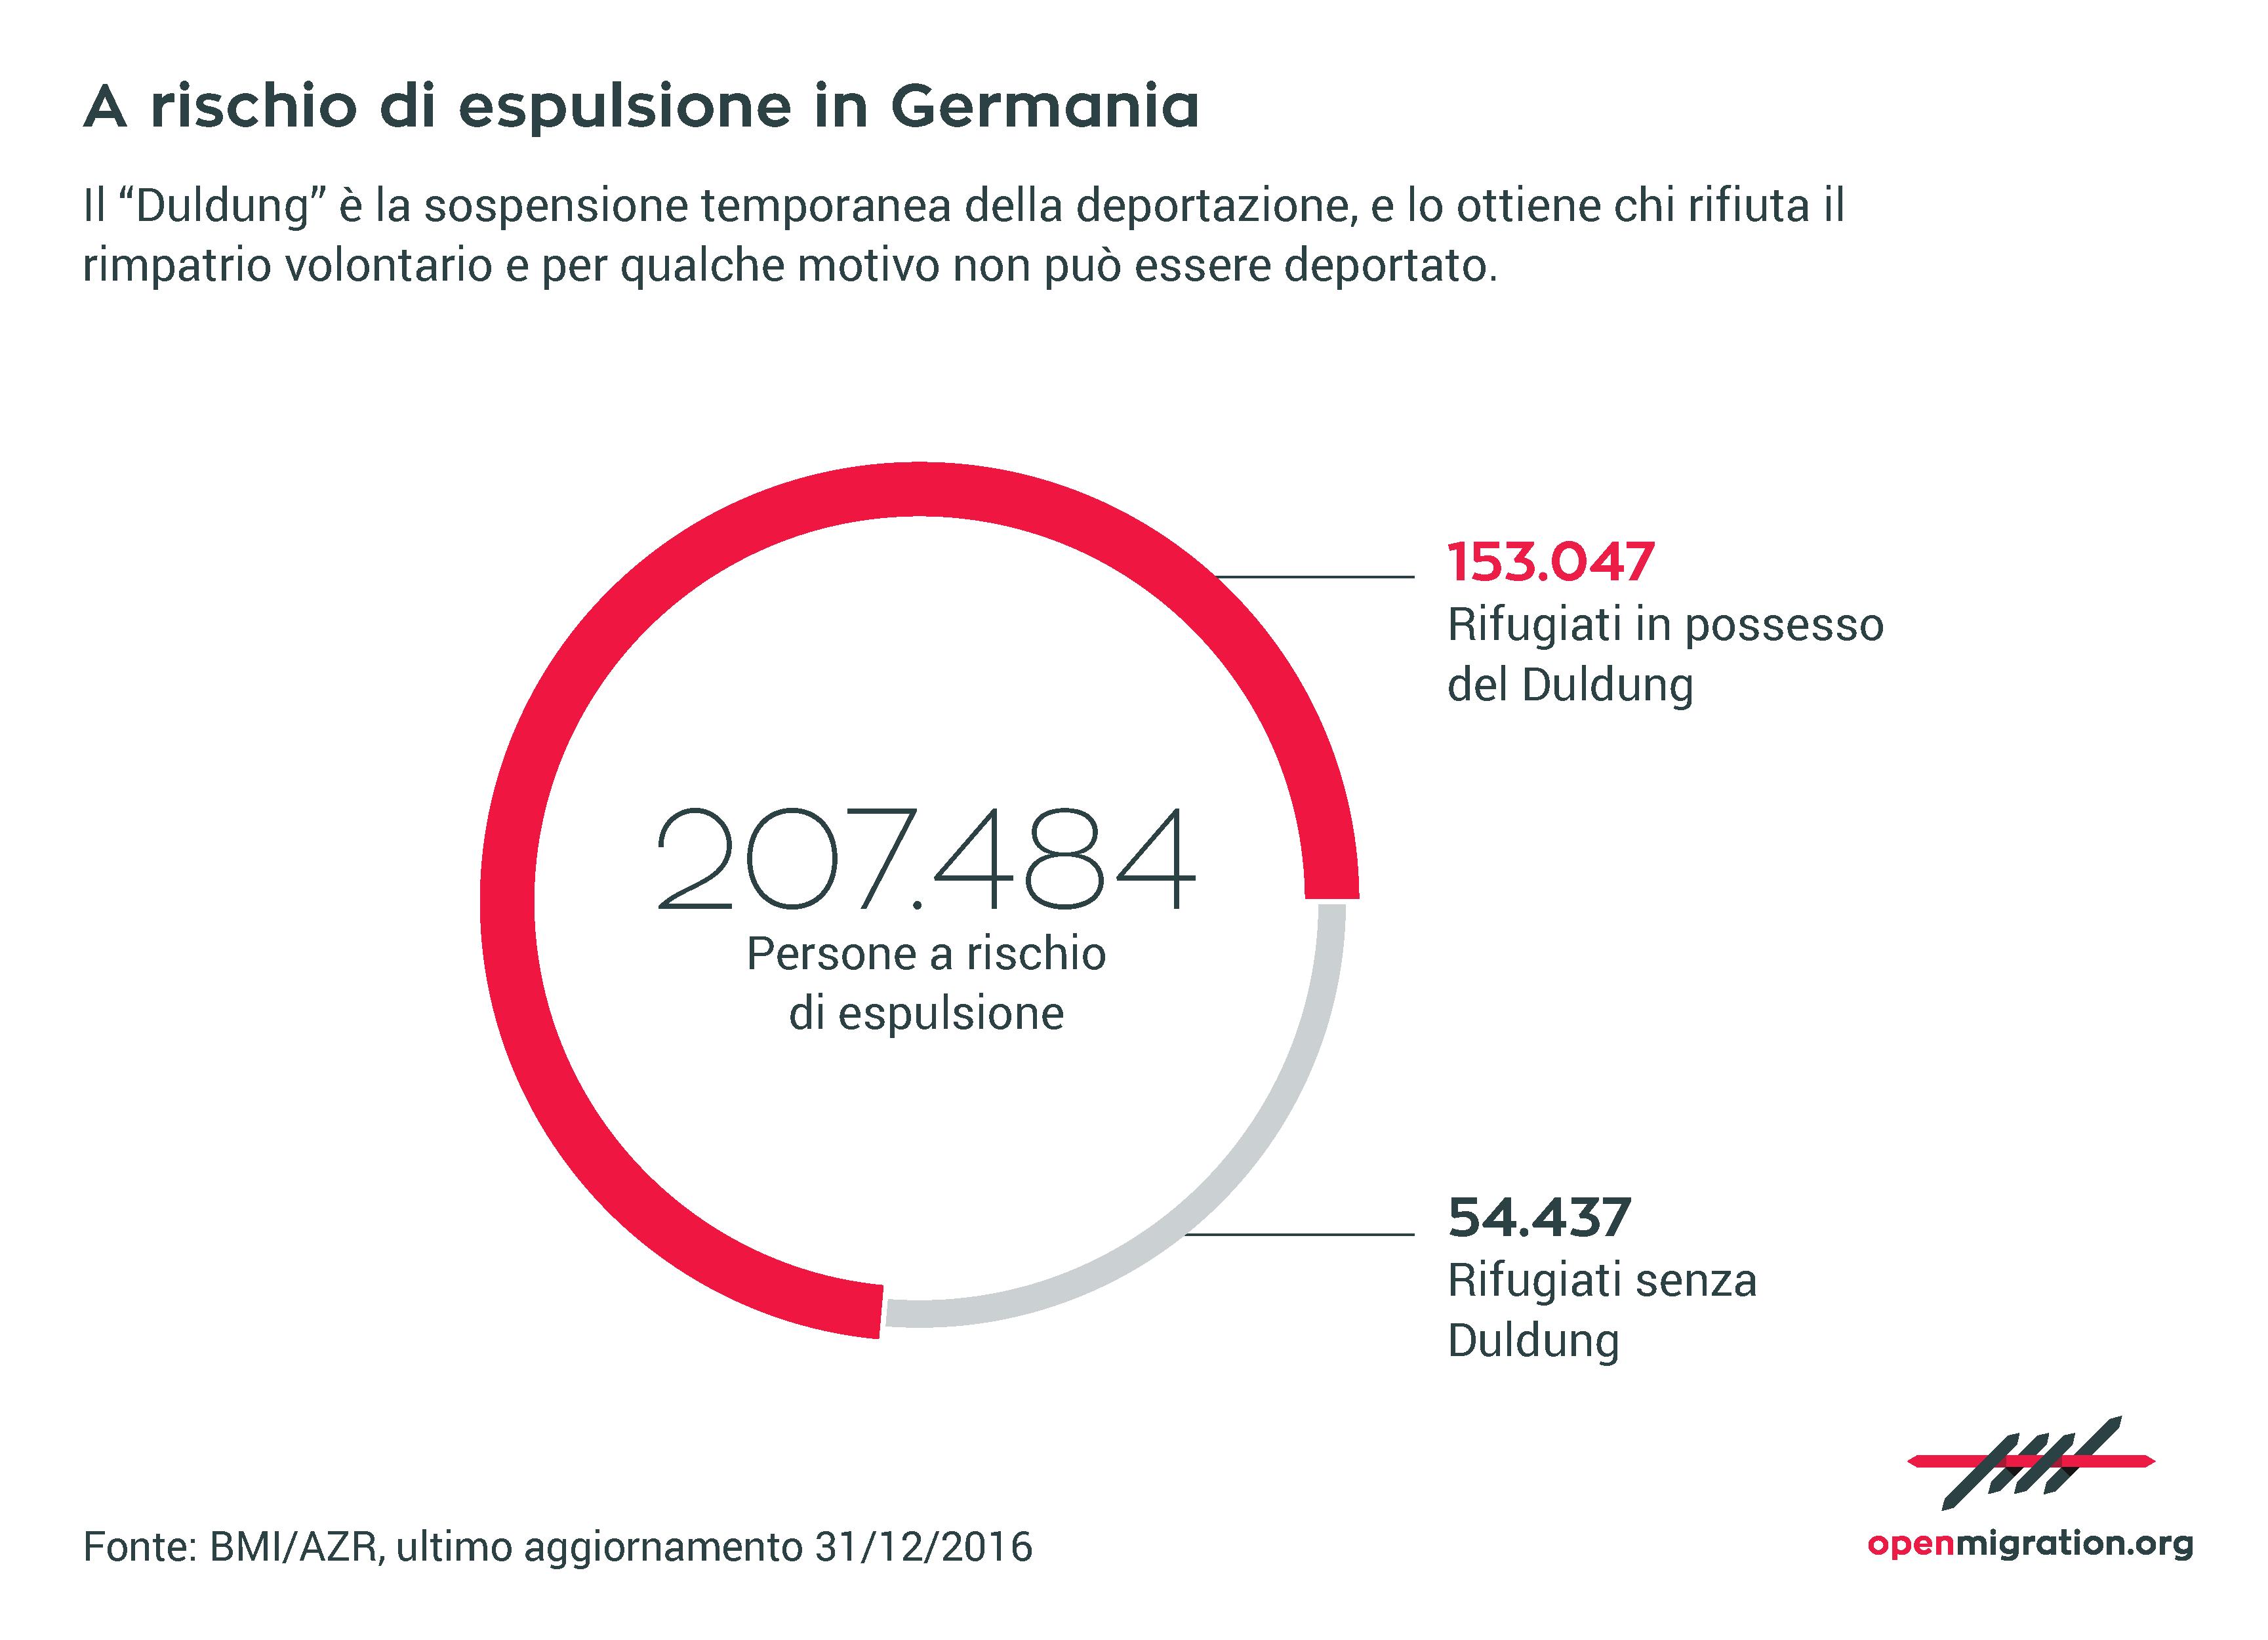 A rischio di espulsione in Germania, 2016